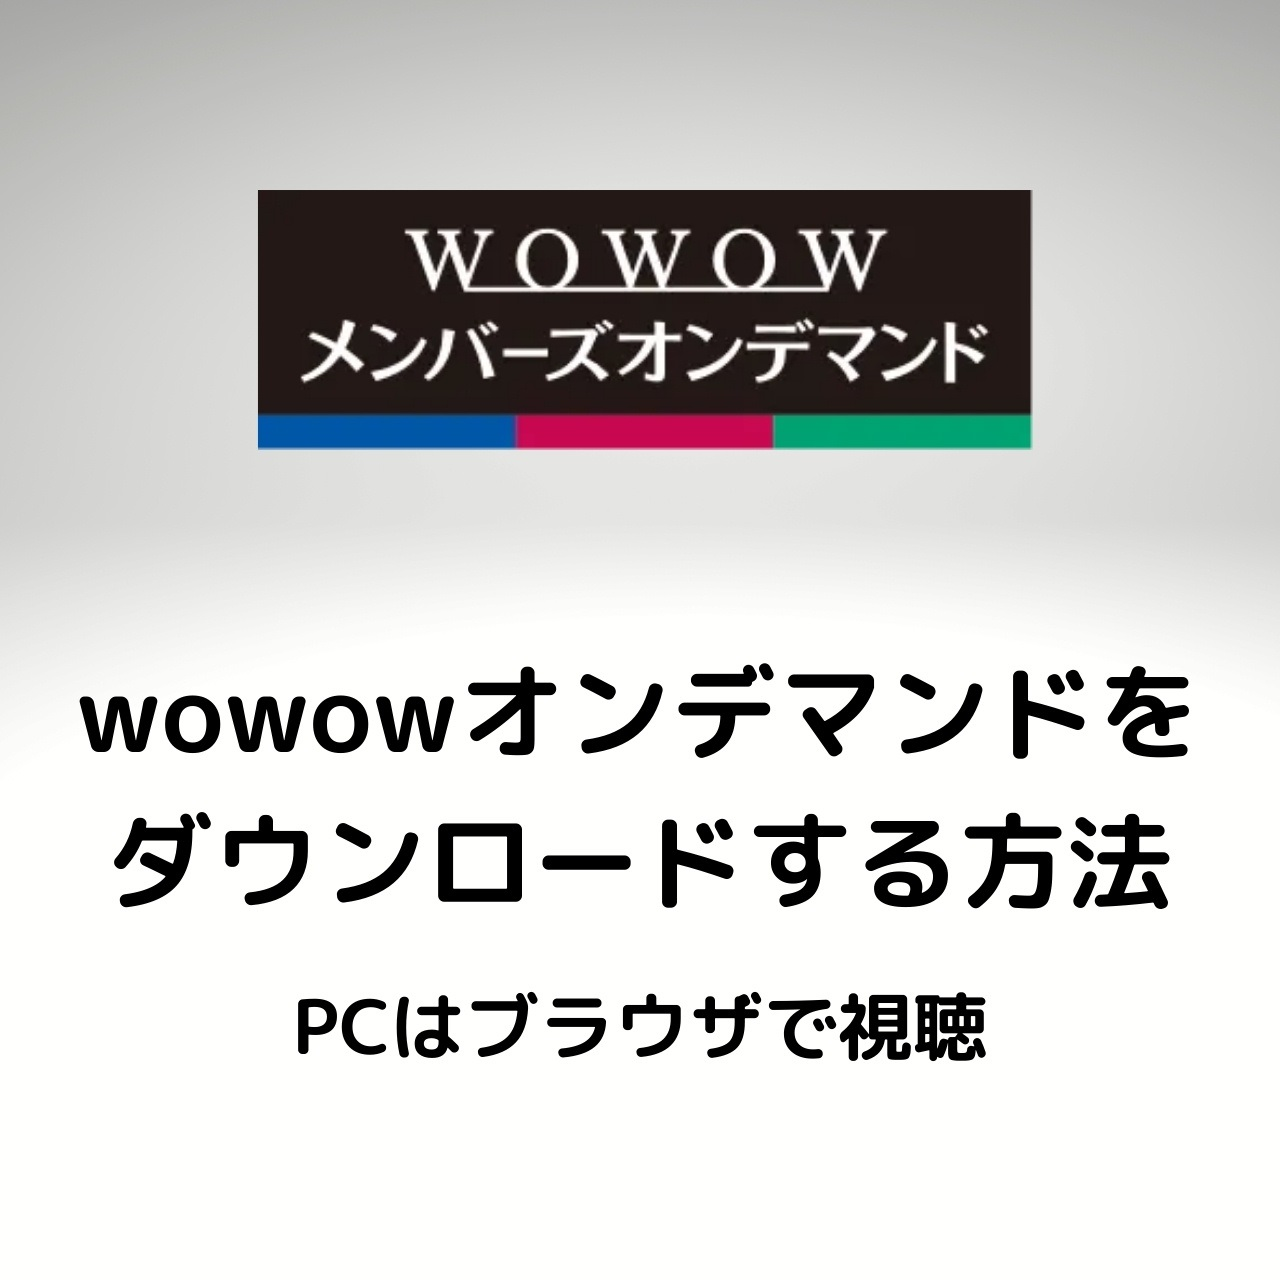 wowowオンデマンドをダウンロードする方法 PCはブラウザで視聴